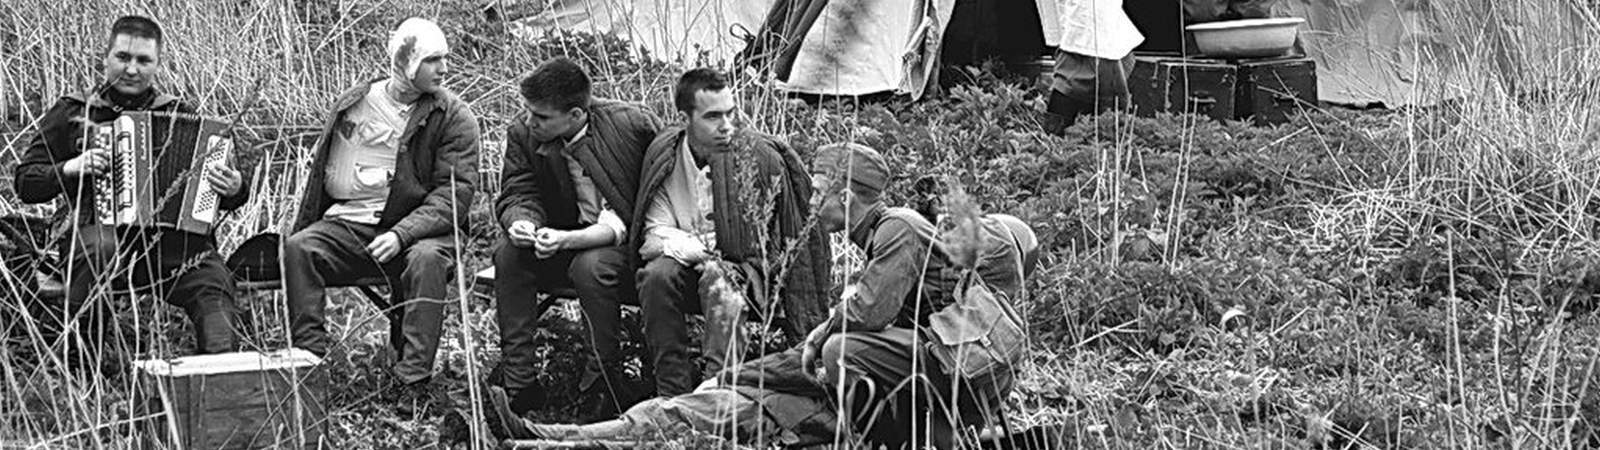 Раненые солдаты